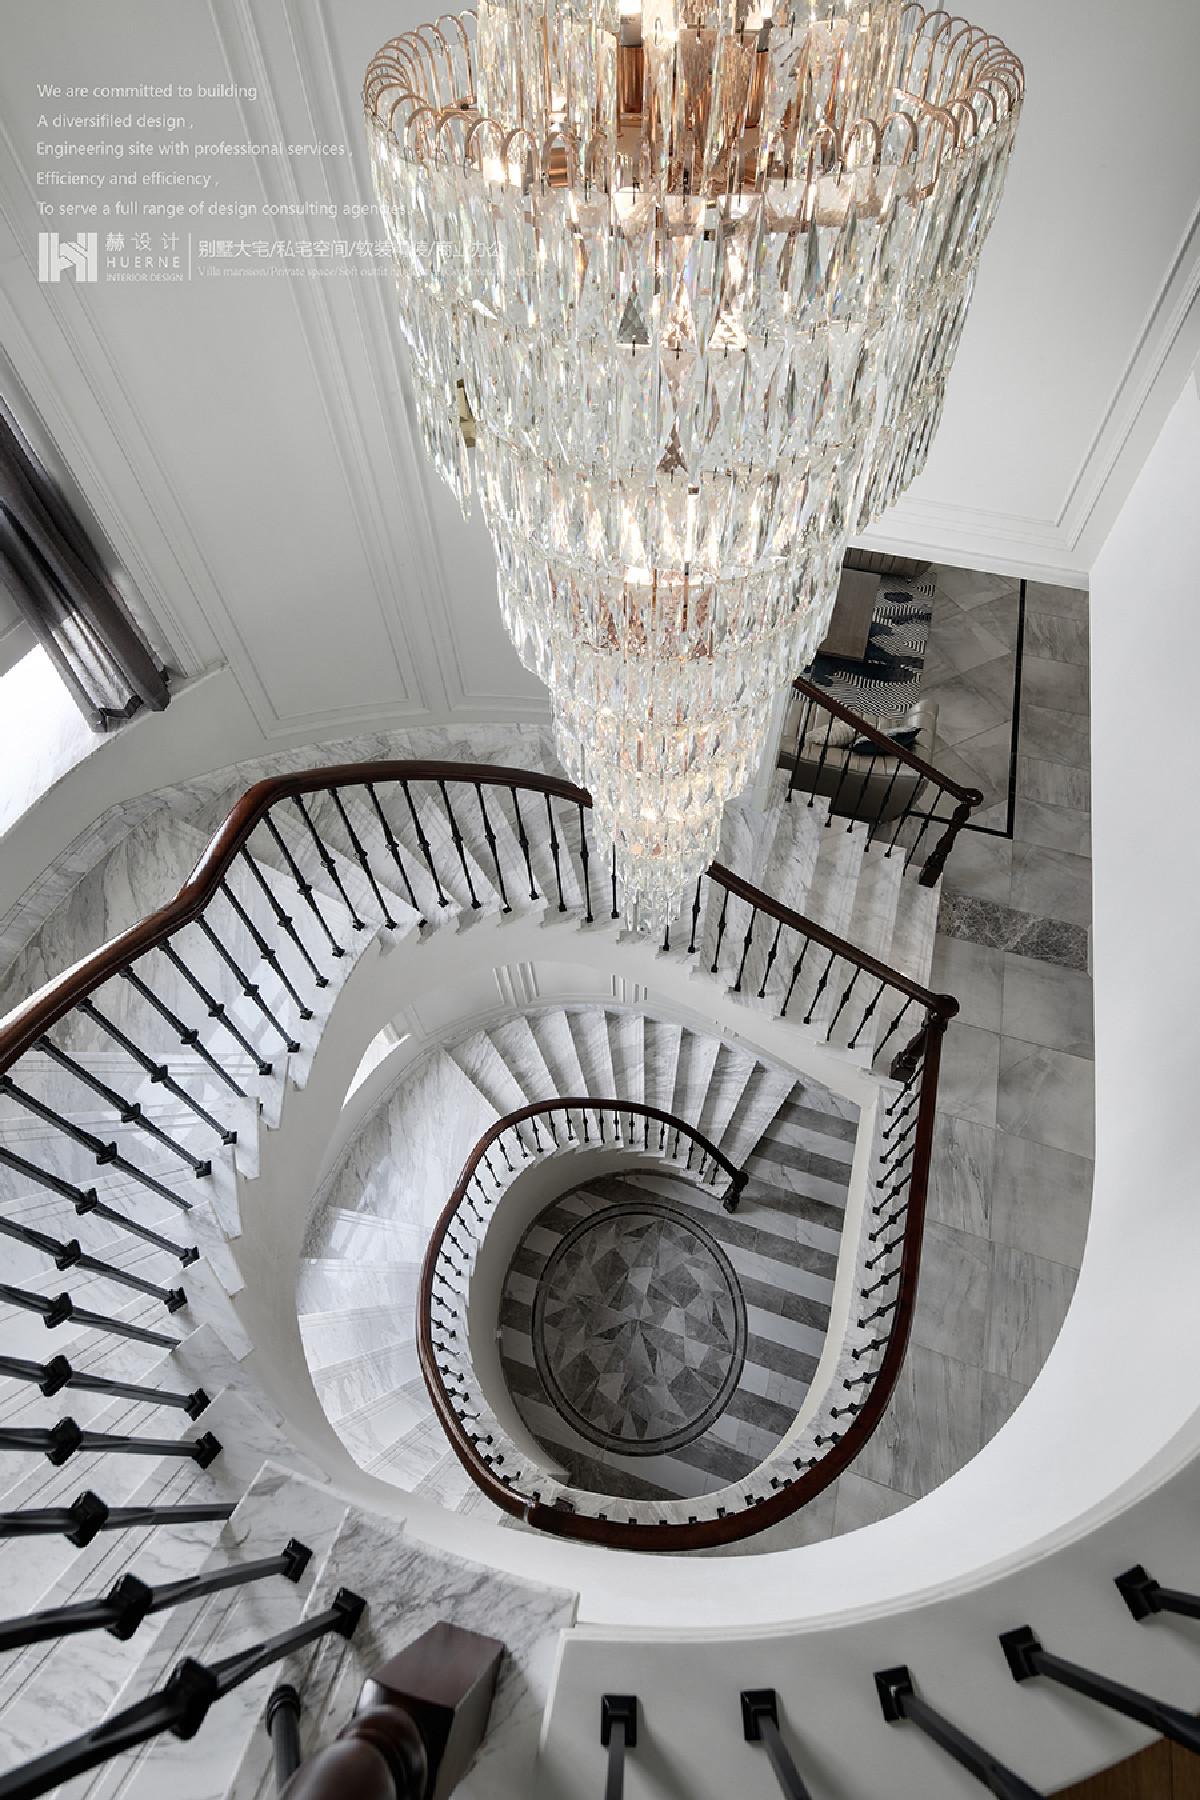 弧形楼梯,延绵而上,串联着三层空间,承上启下,极有张力,木色配合着皎洁的白色,水晶灯饰、灰色纱帘,推动着进程,使其彰显出恢弘大气之意。